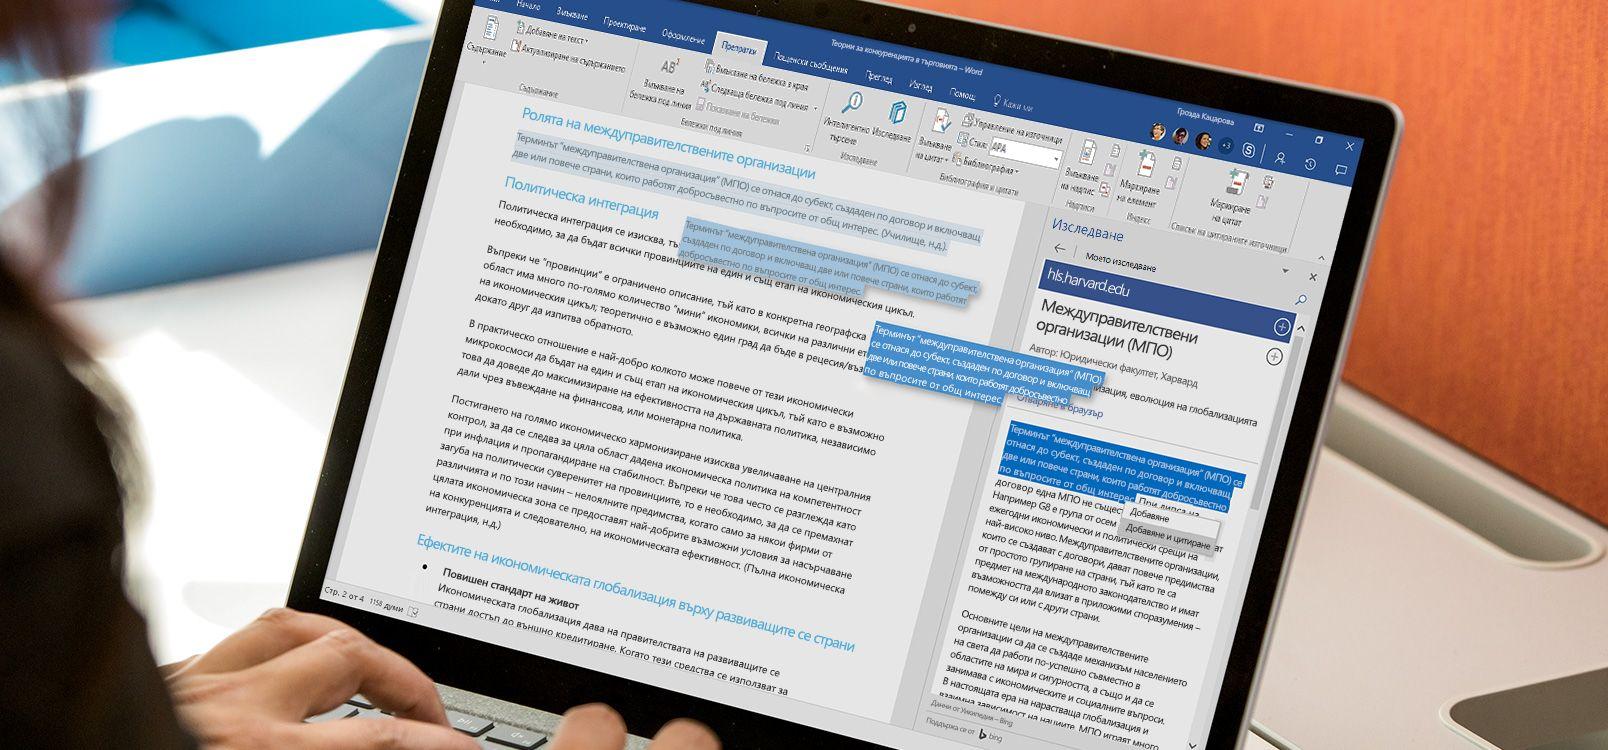 """Екран на лаптоп, показващ документ на Word, в който се използва функцията """"Изследовател"""""""